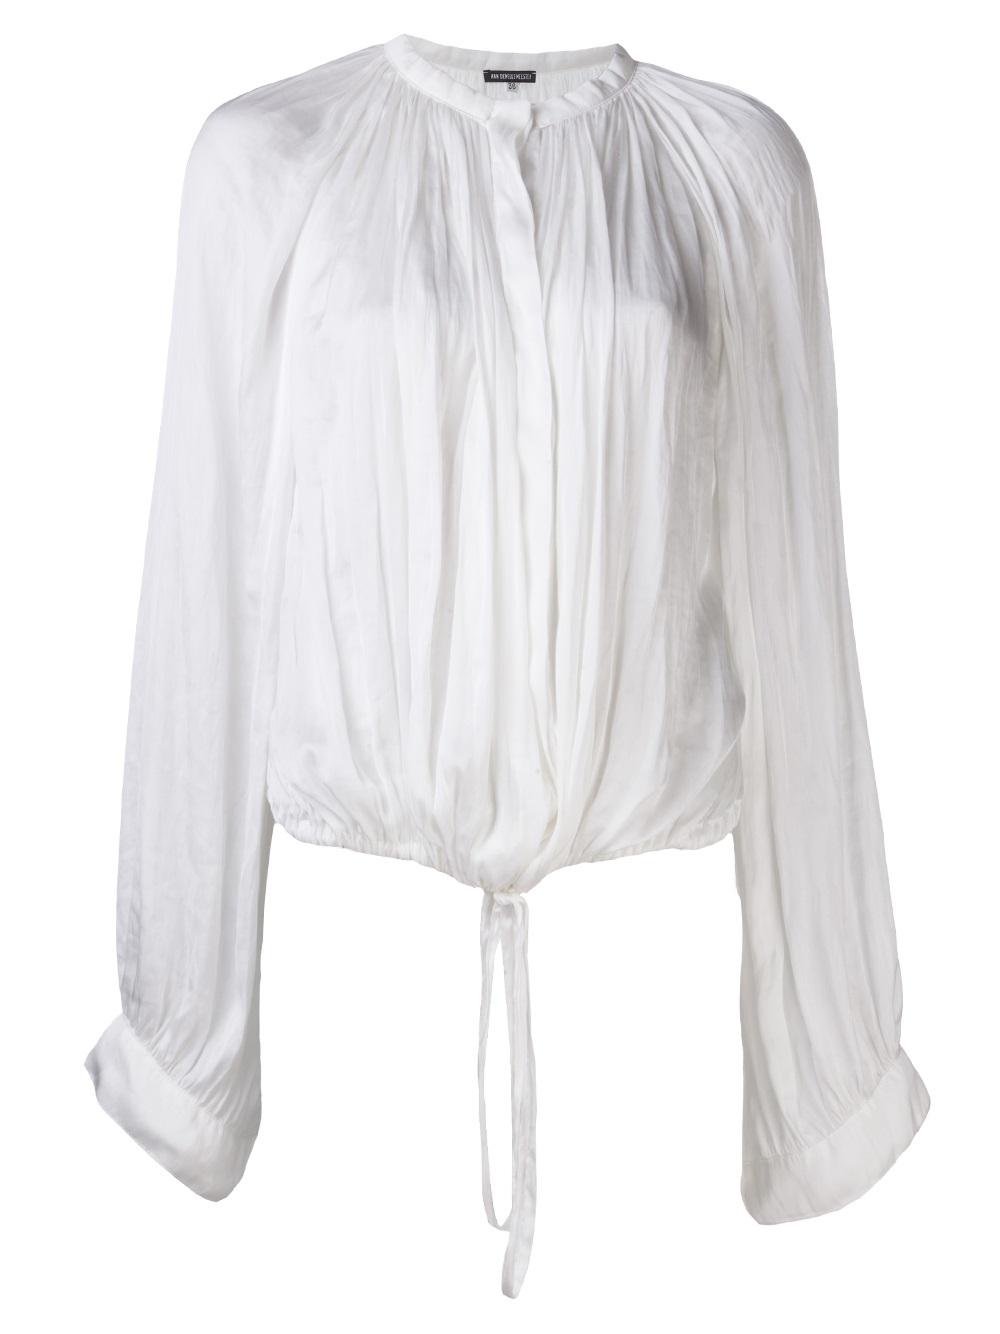 con Demeulemeester tamaño de Ann cordón blusa gran EqYwnzvx